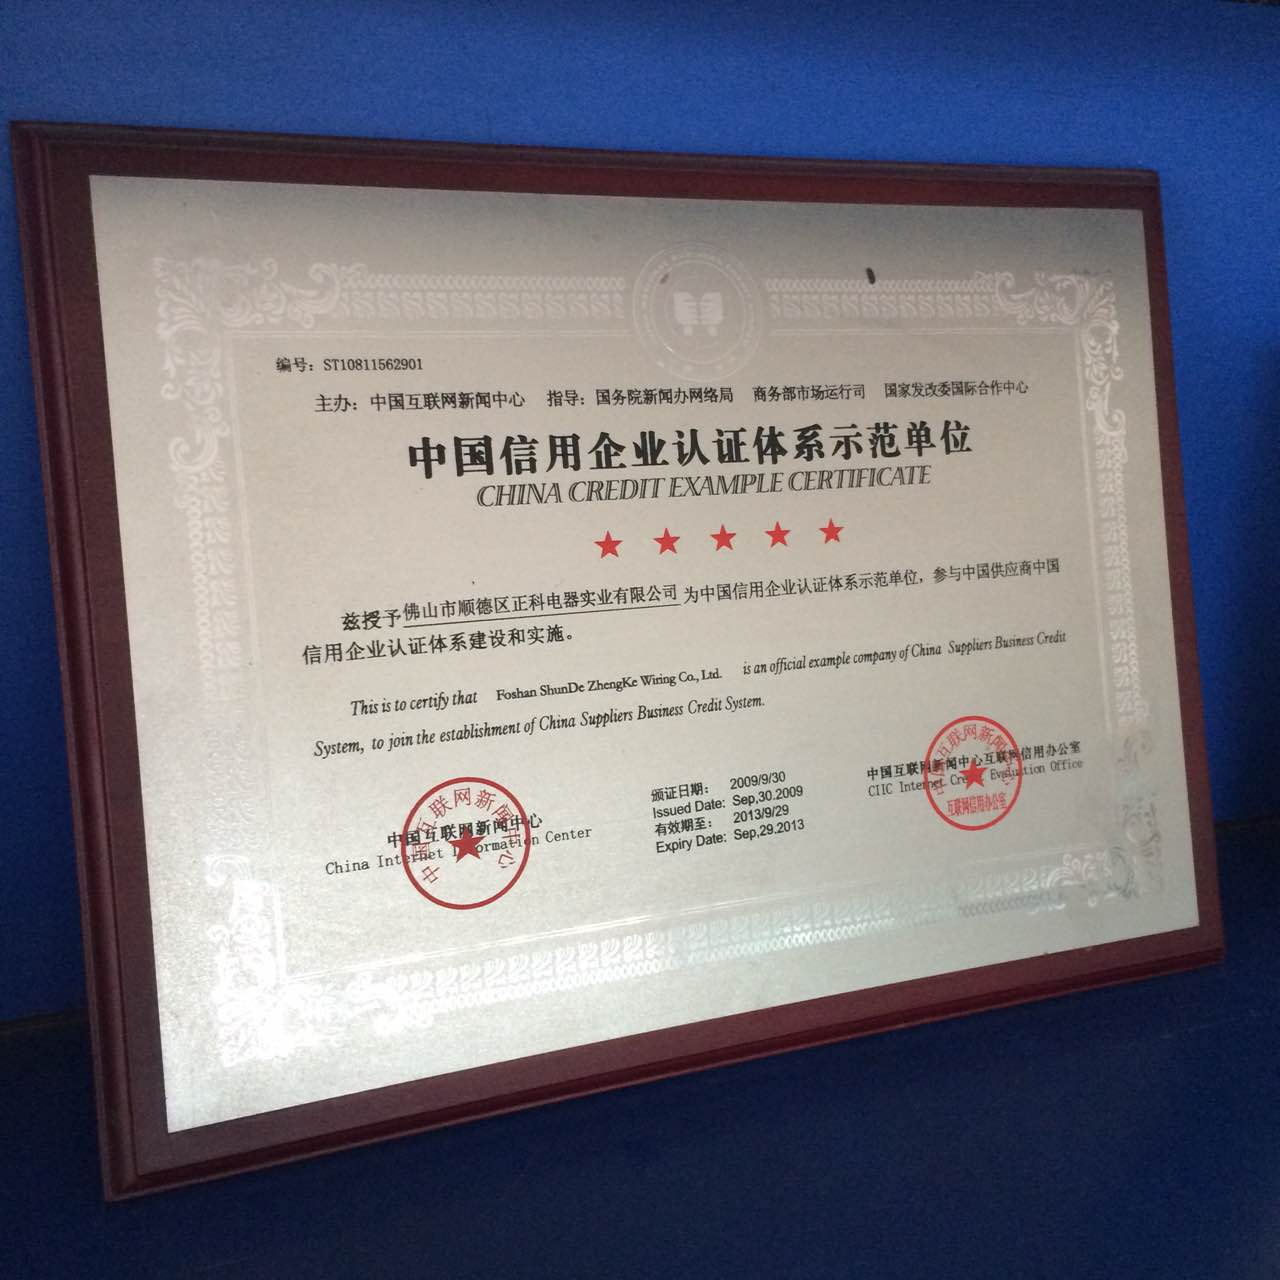 风臣风机成为中国信用企业认证体系示范单位